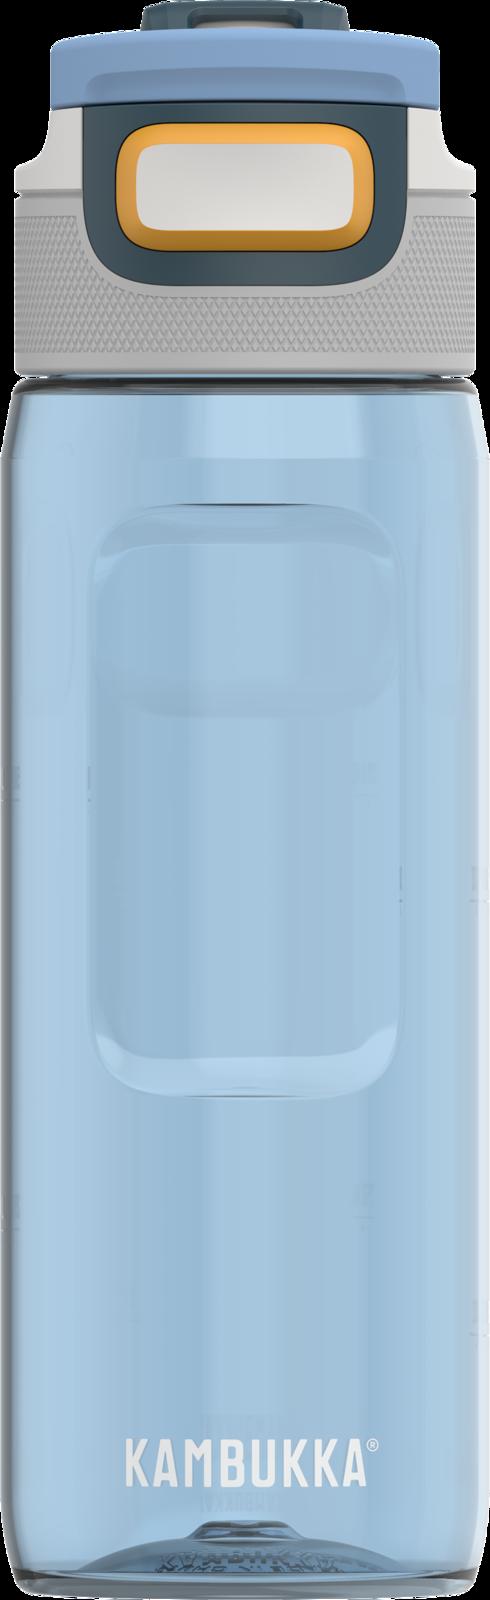 Butelka Kambukka Elton 750 ml - Tiffany